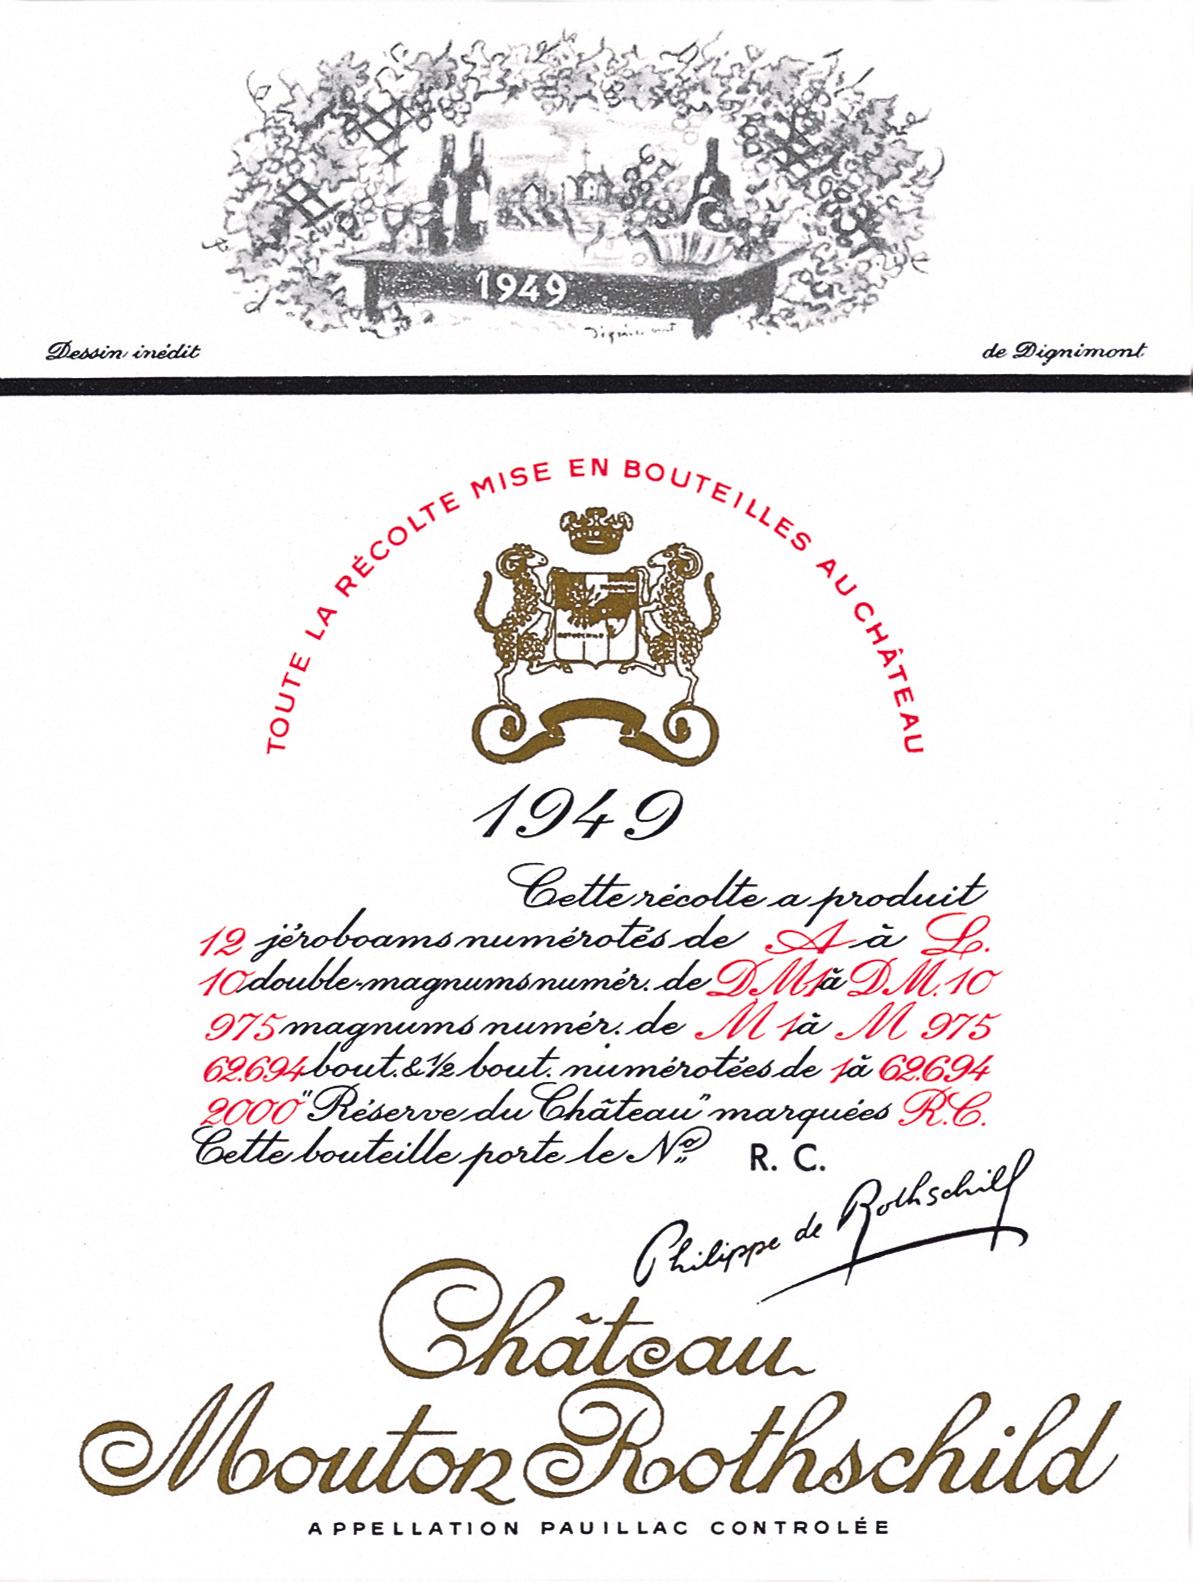 Etiquette Mouton Rothschild 1949